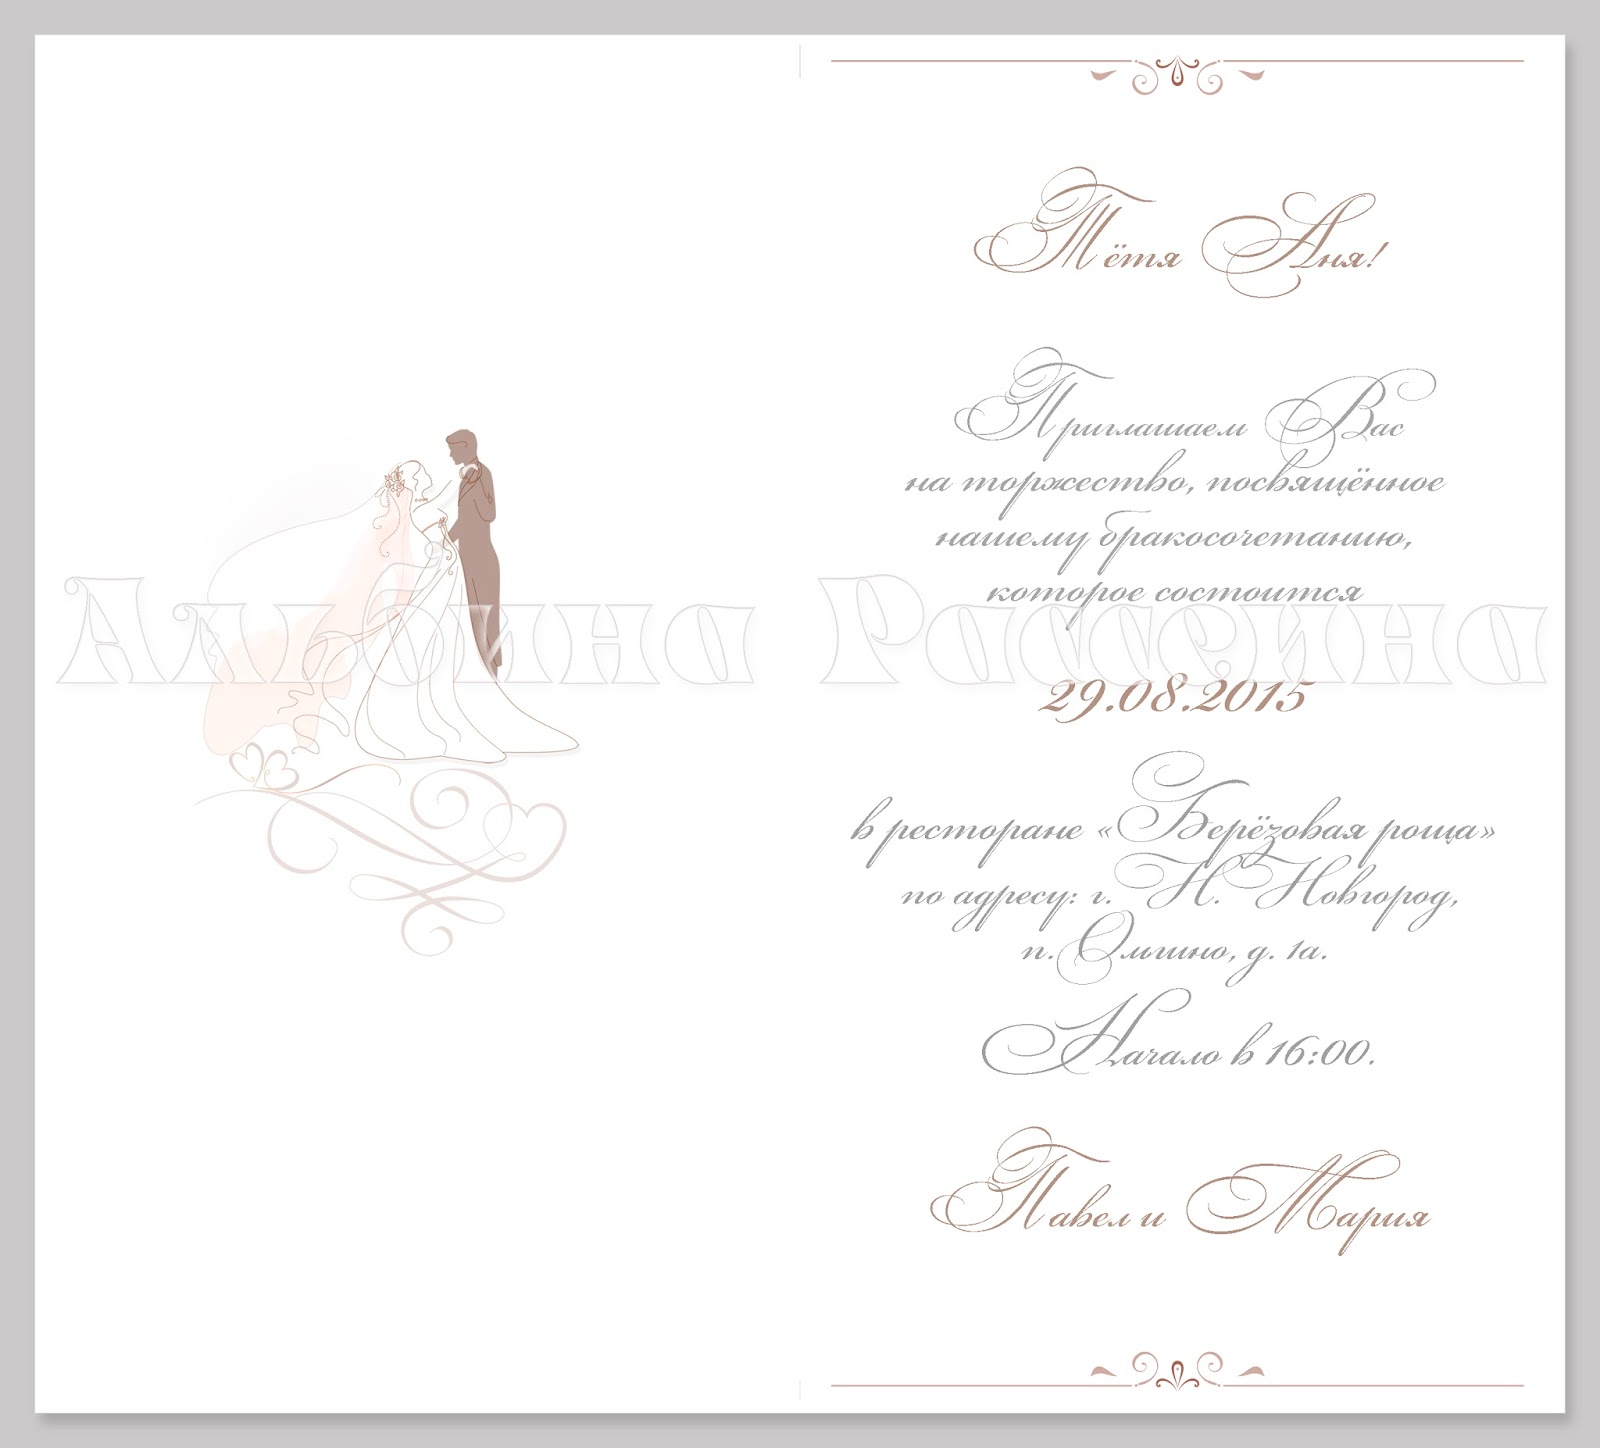 Значки для свидетелей на свадьбу шаблон для печати